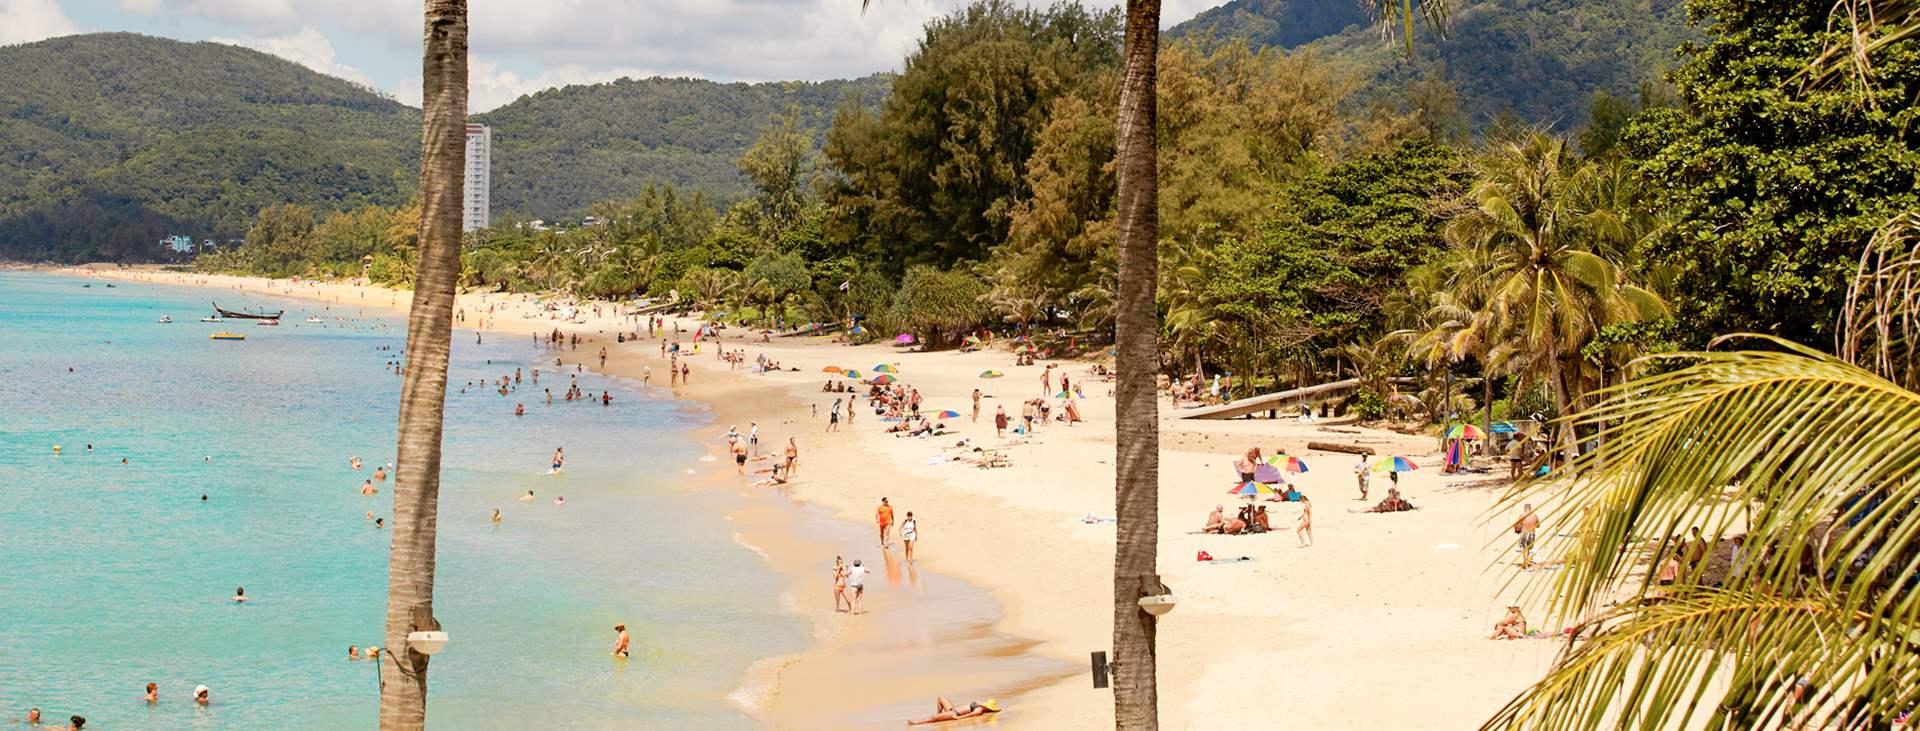 Reiser til Karon Beach i Thailand